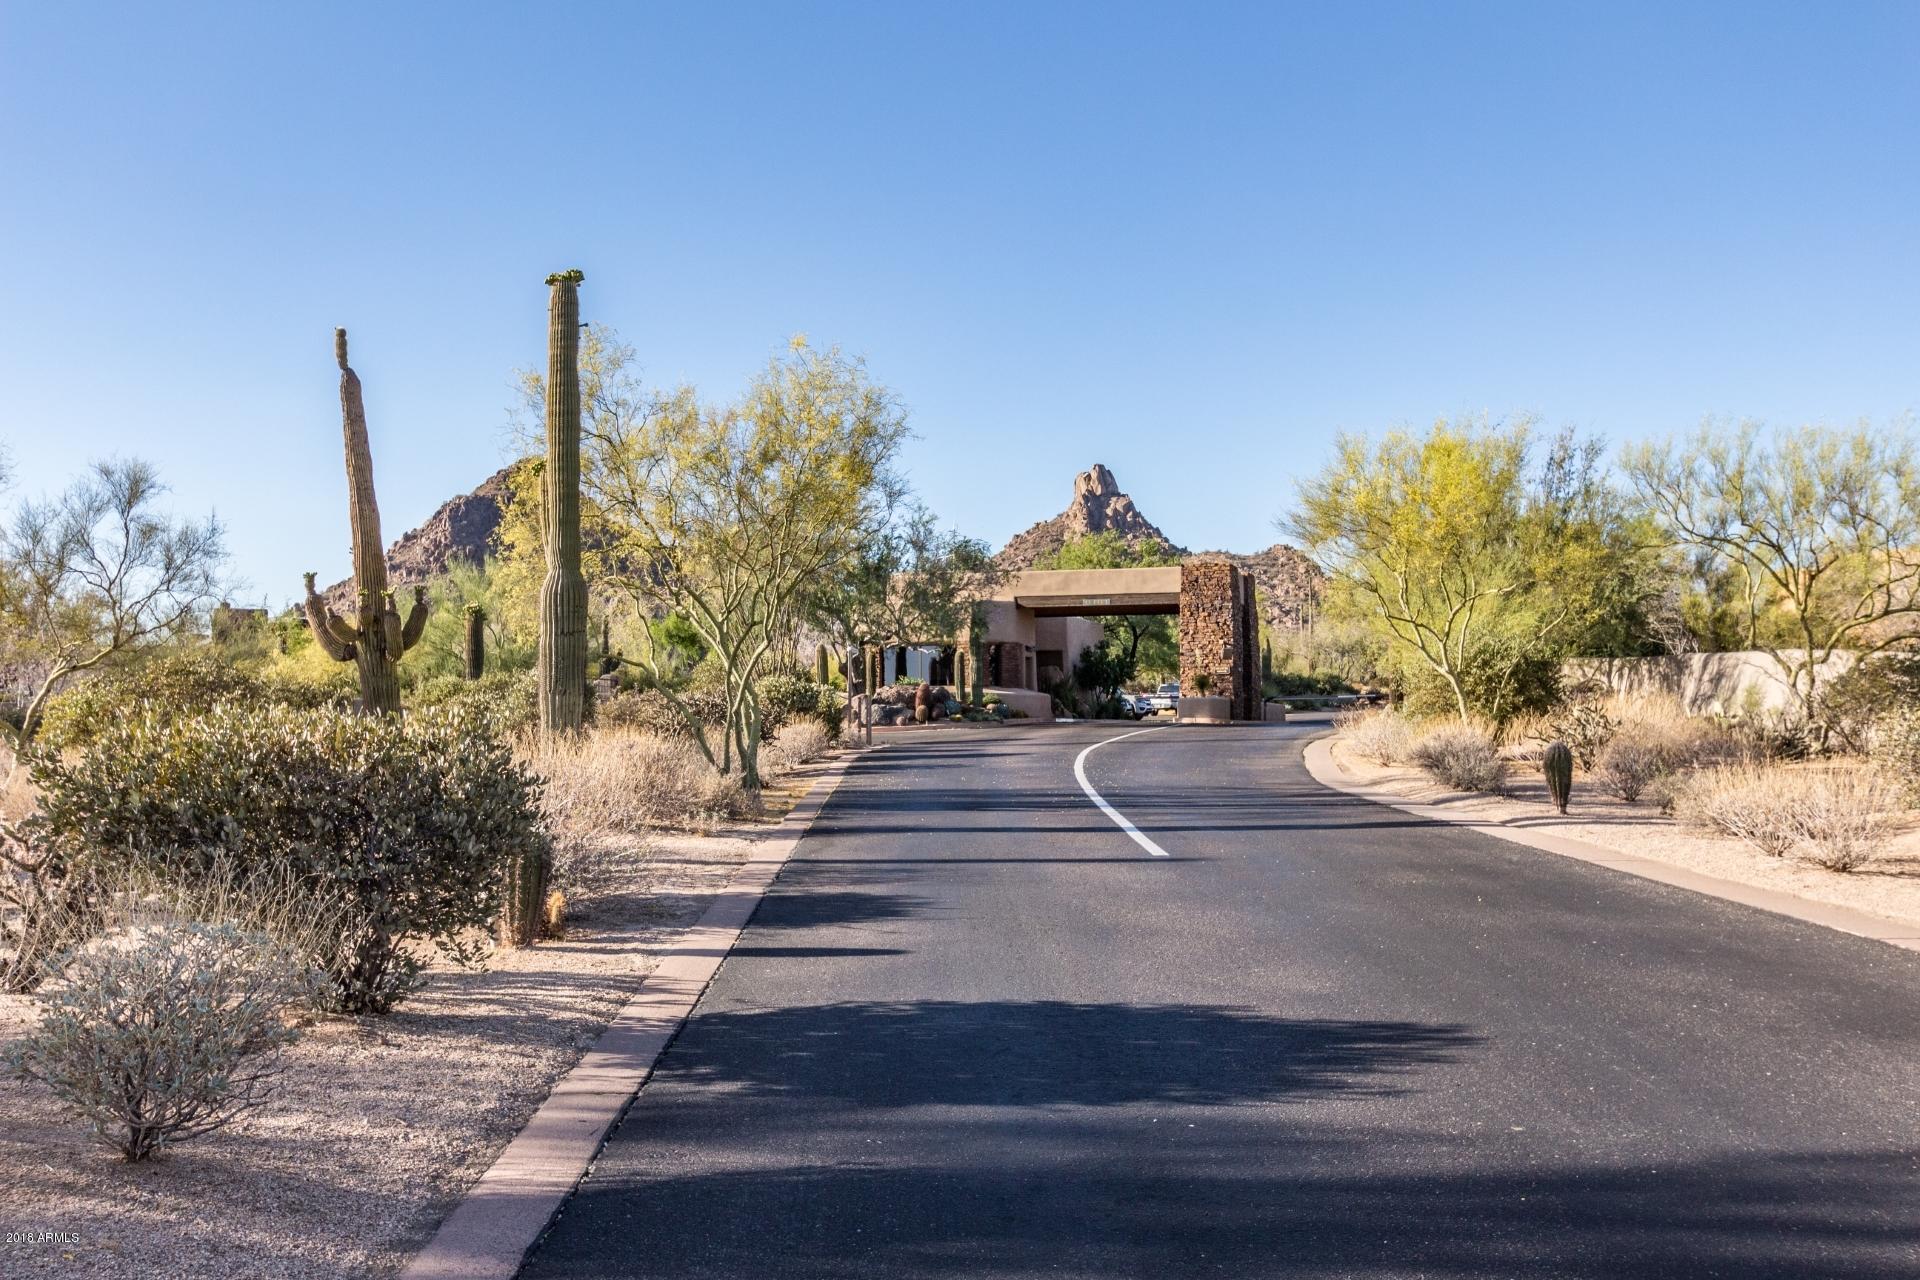 MLS 5771418 10040 E HAPPY VALLEY Road Unit 2002, Scottsdale, AZ 85255 Scottsdale AZ Gated